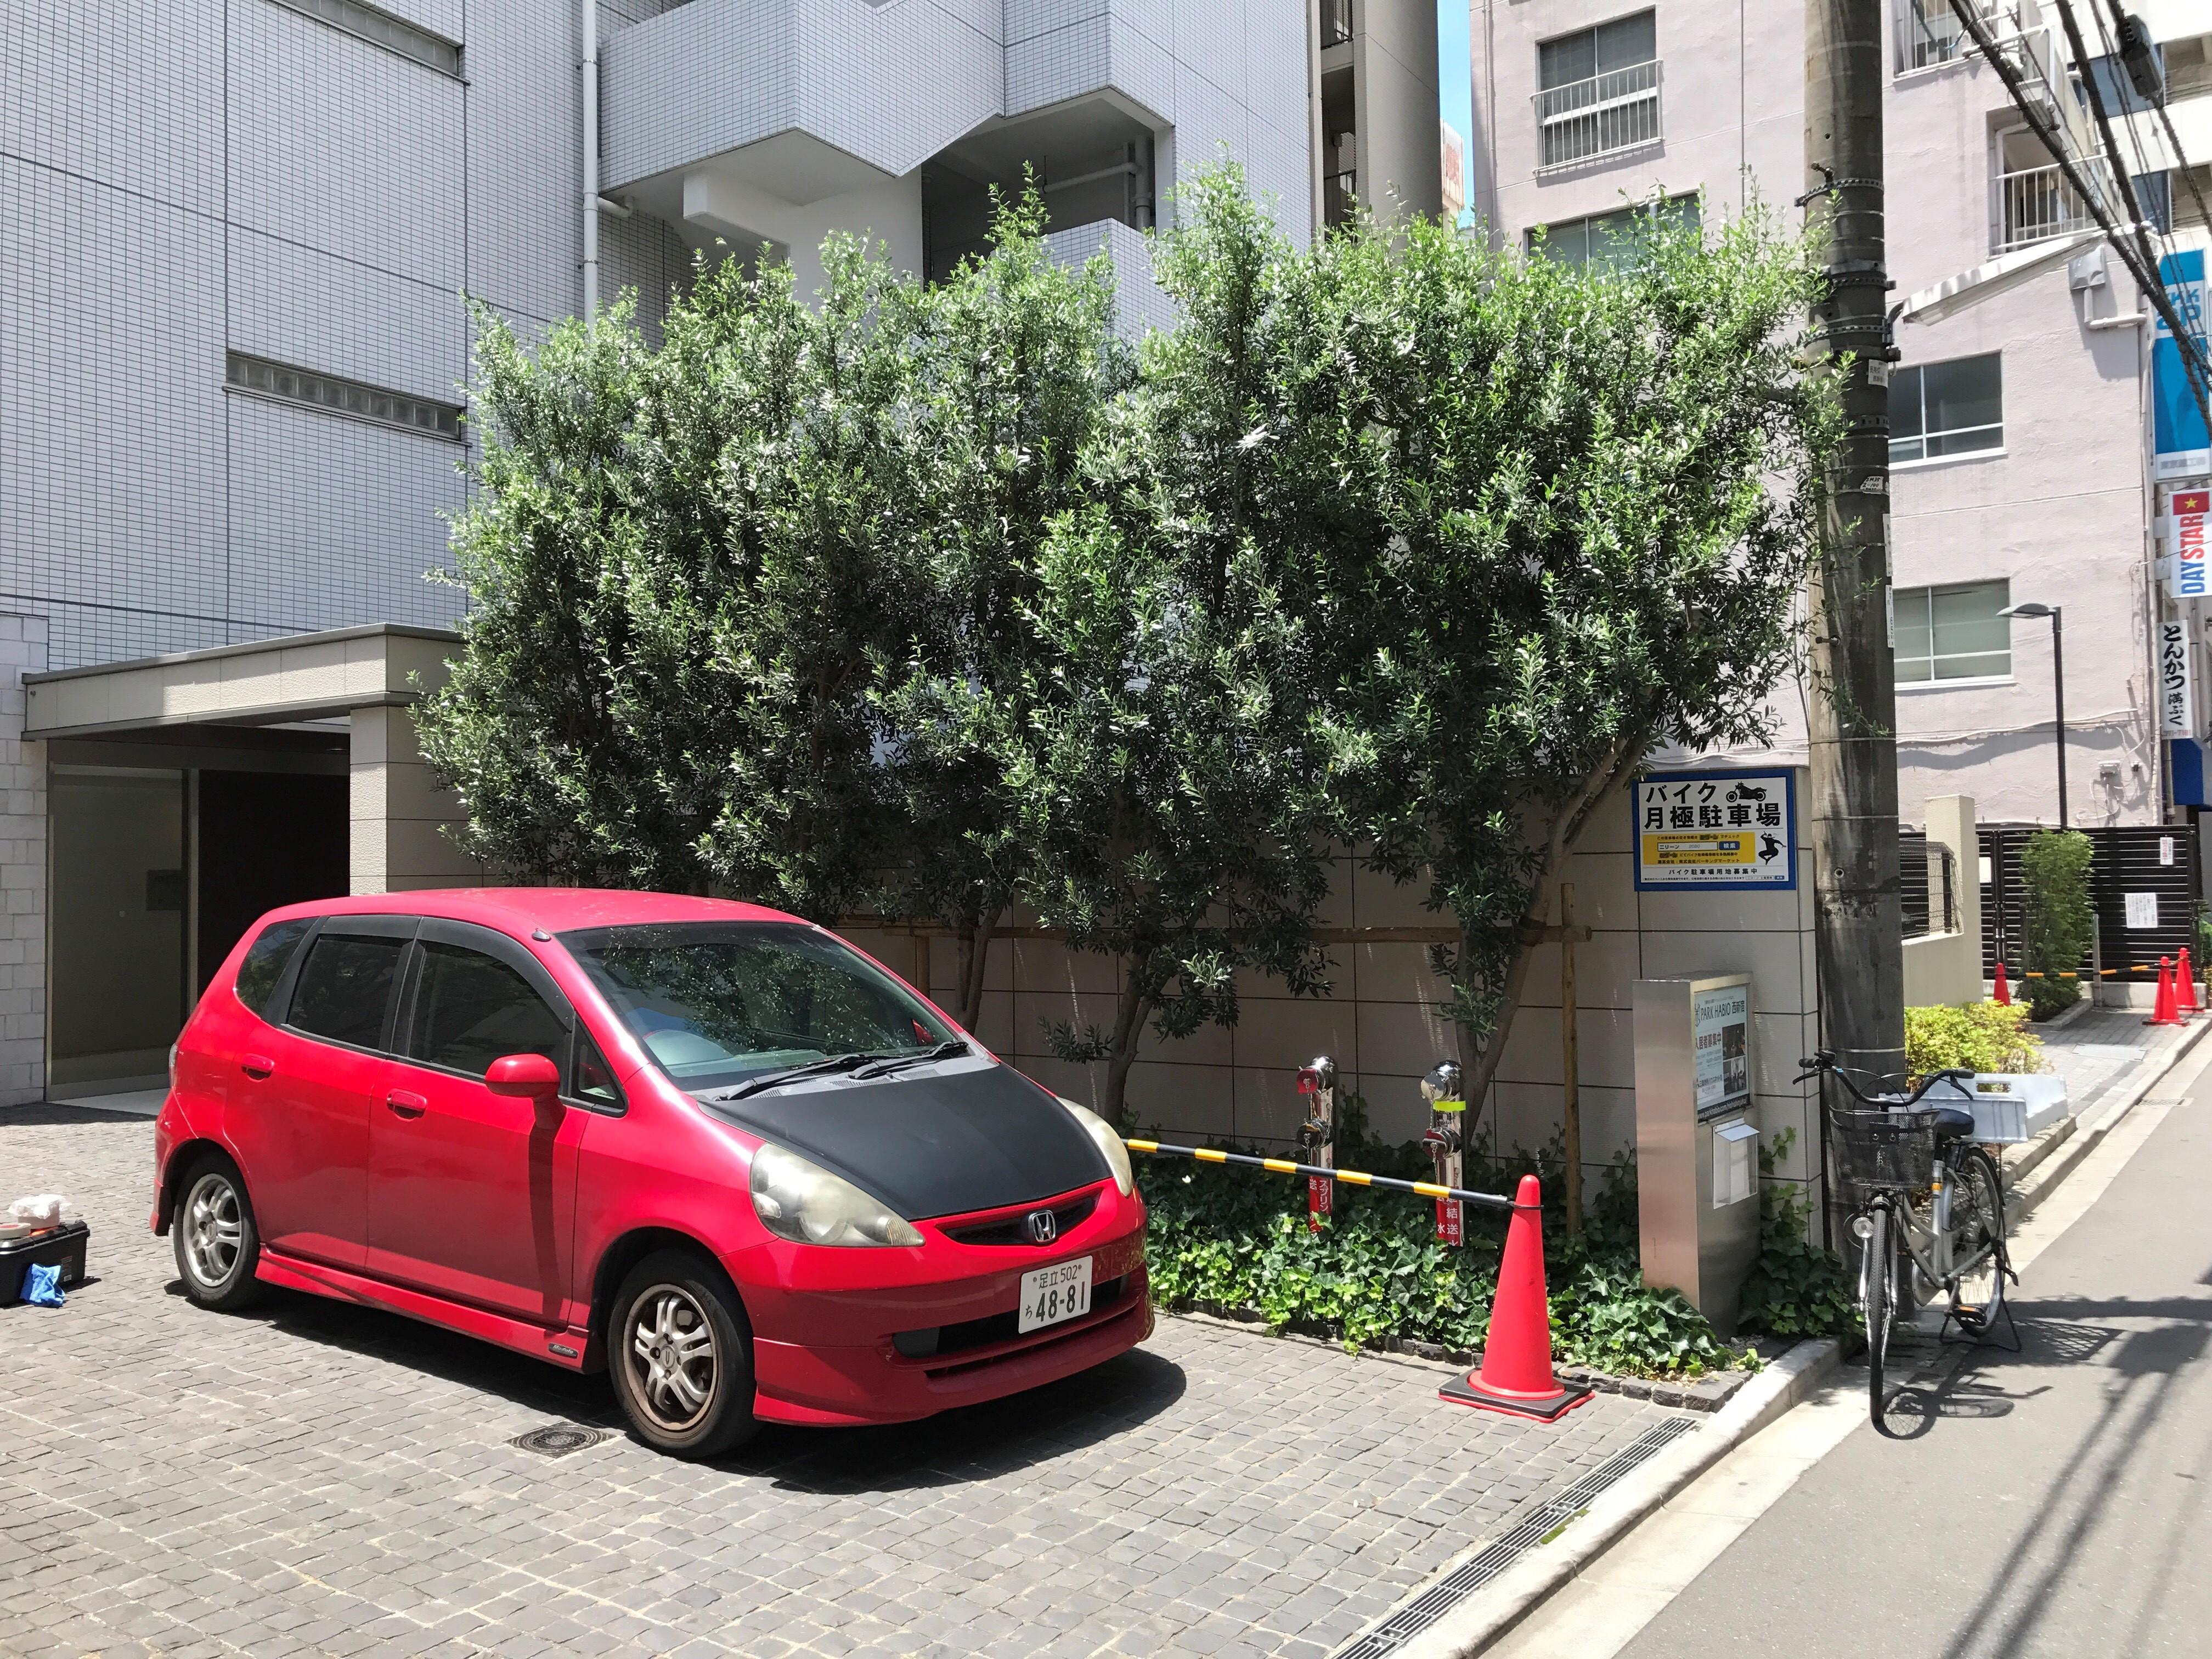 月極駐車場 パークハビオ西新宿の写真1